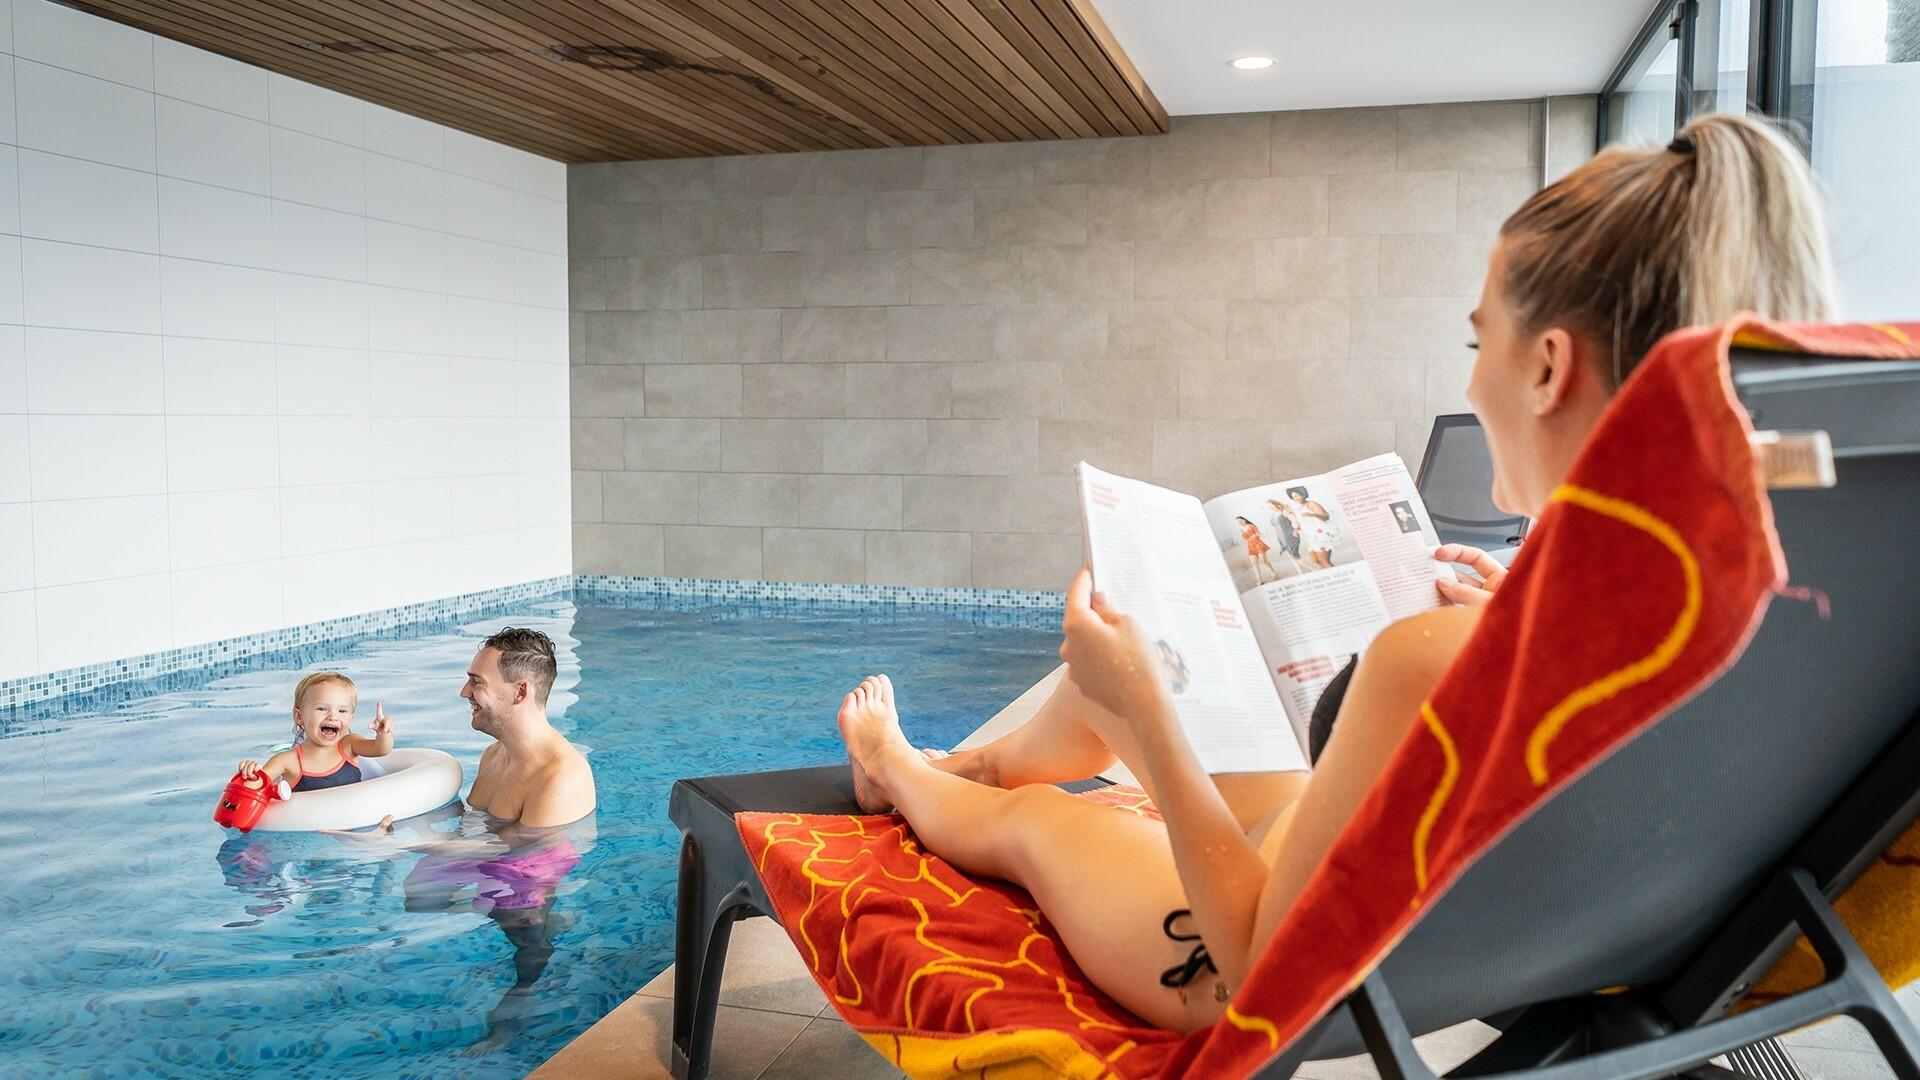 Met gezin vakantie vieren in vakantievilla met zwembad VVV Texel